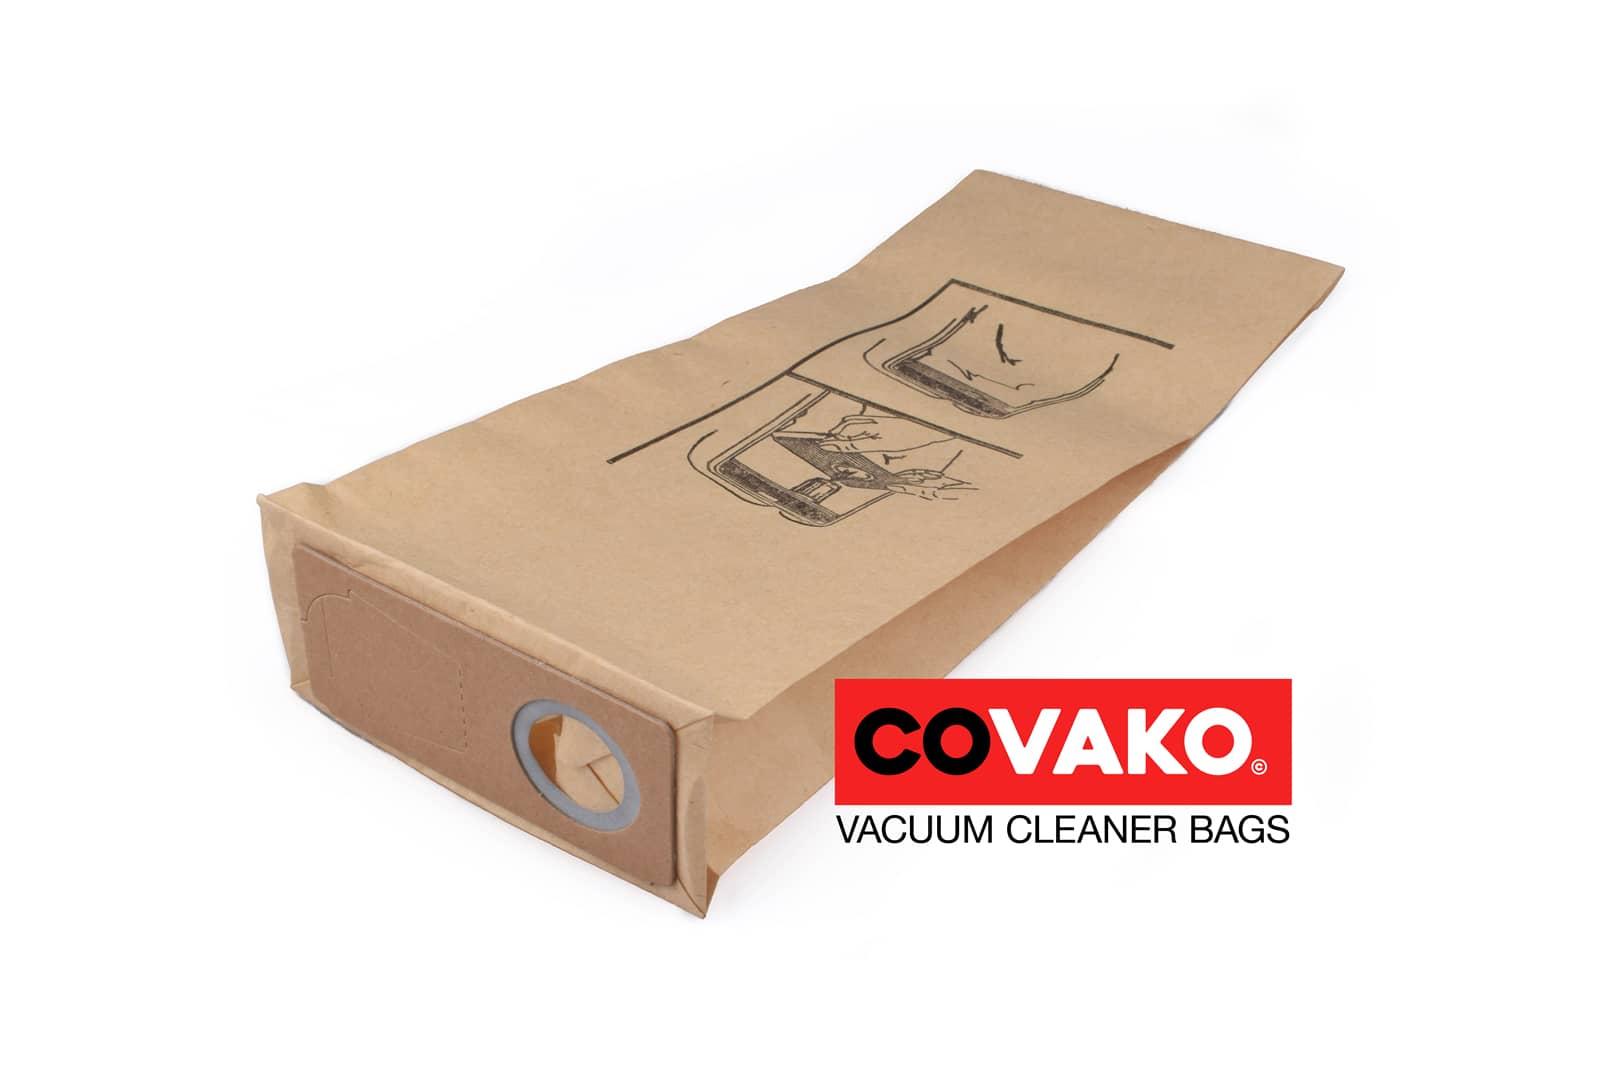 Wap GU 350 A / Papier - Wap sacs d'aspirateur